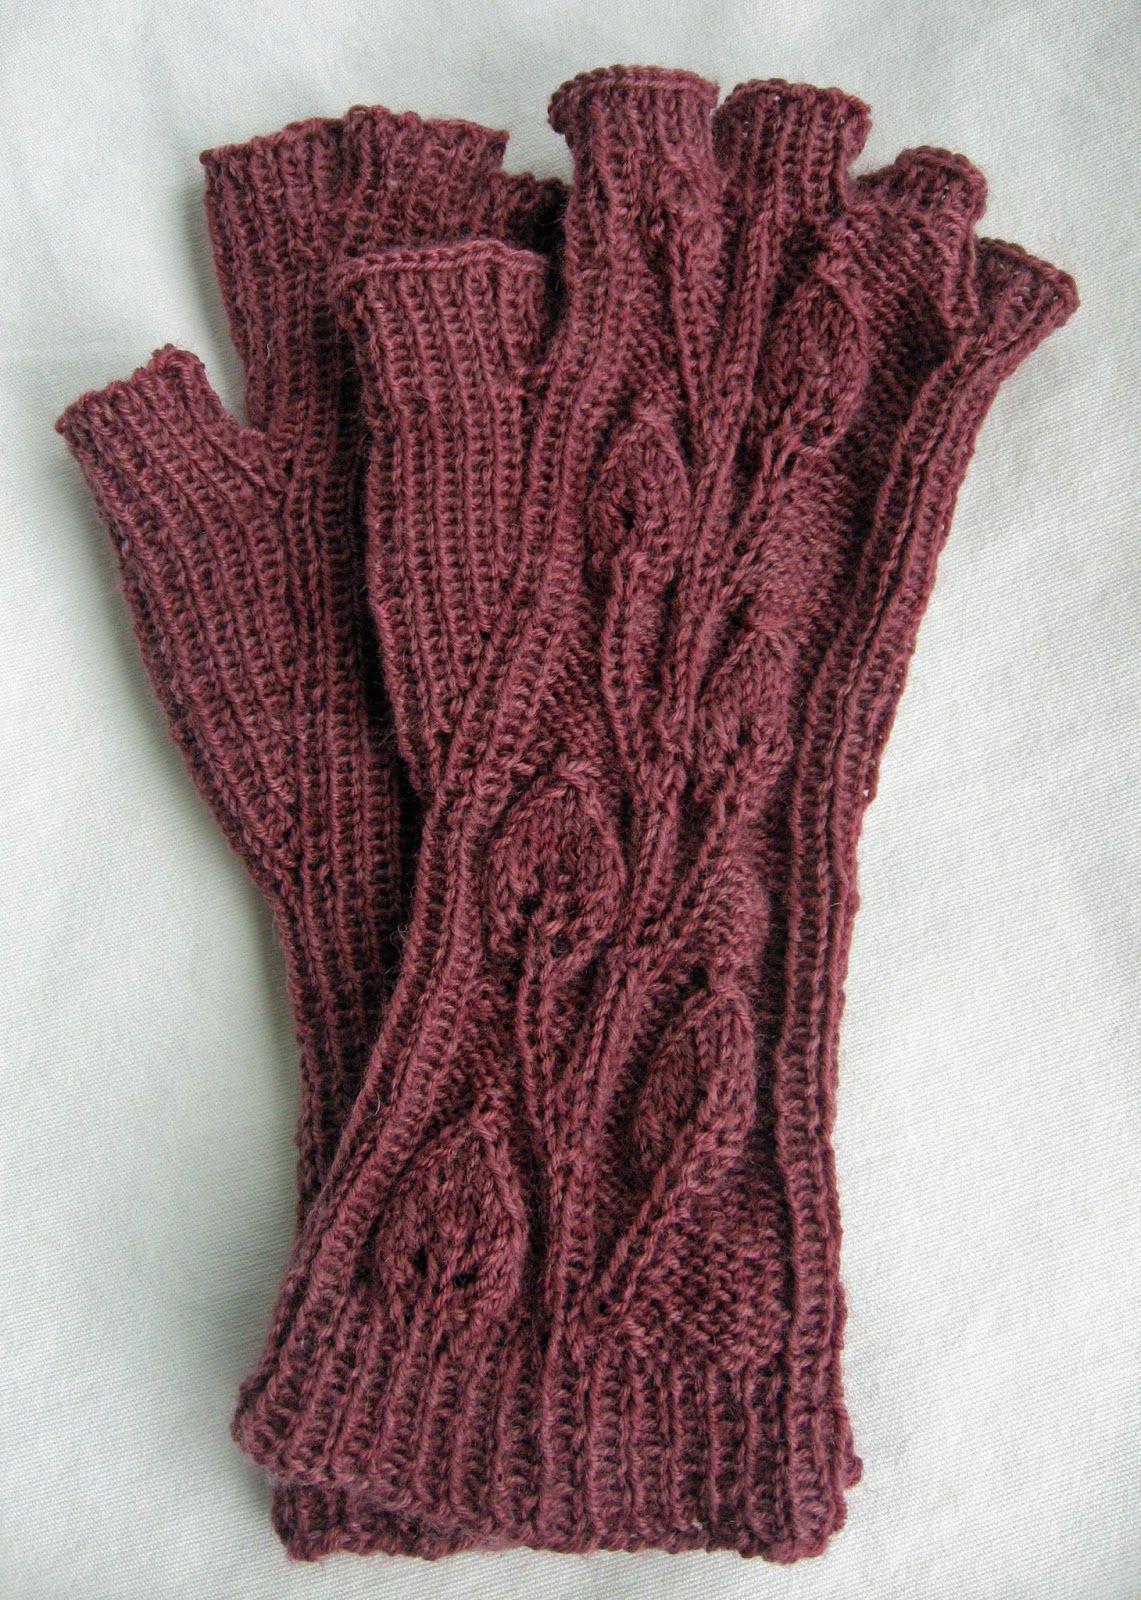 Marktfrauenhandschuhe (Bernis Strickwelt) | Stulpen, Handschuh und ...